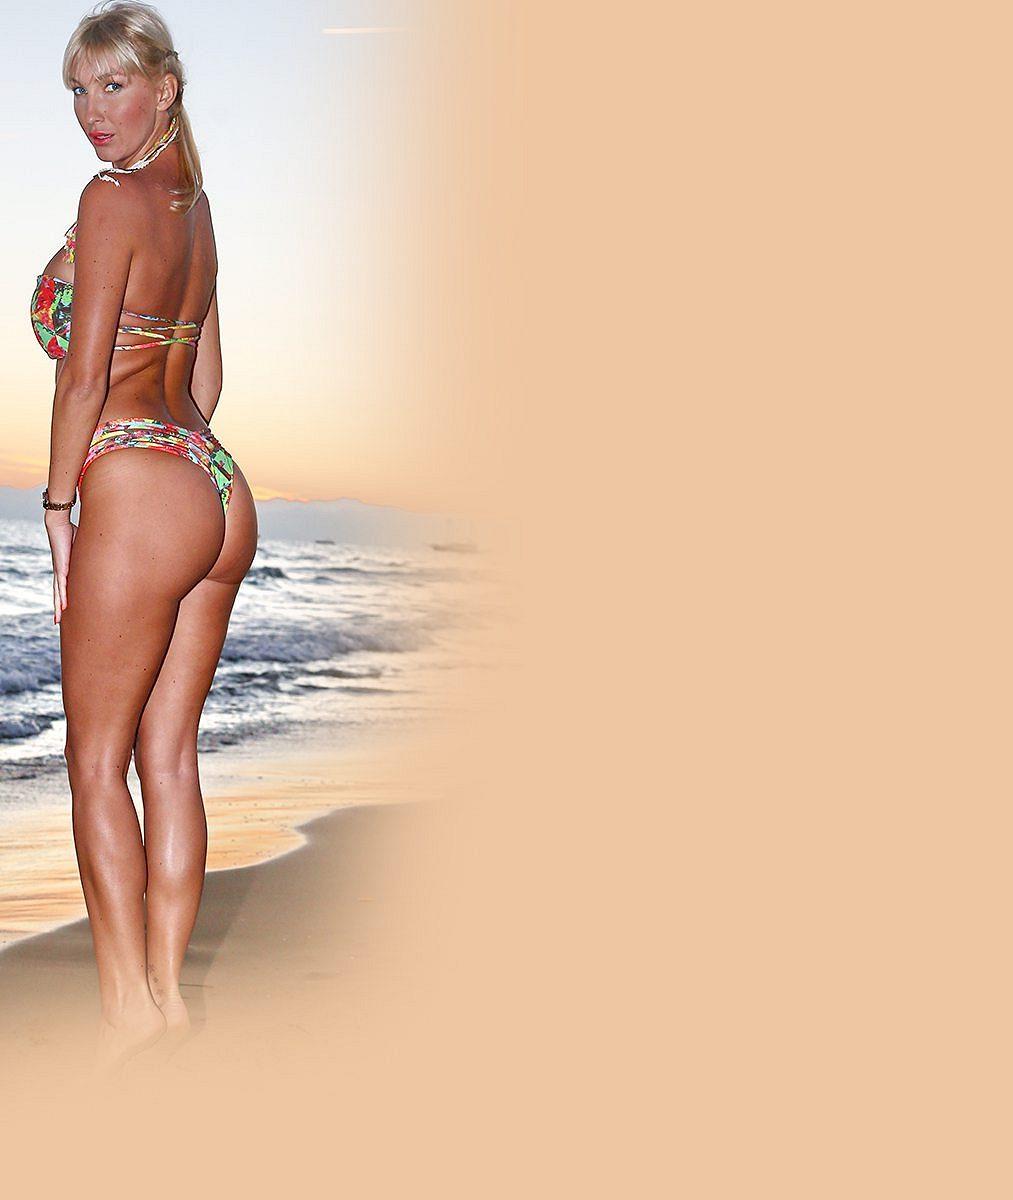 Plácli byste si? Česká modelka vyšpulila půlky, které by jí i Kardashianky záviděly